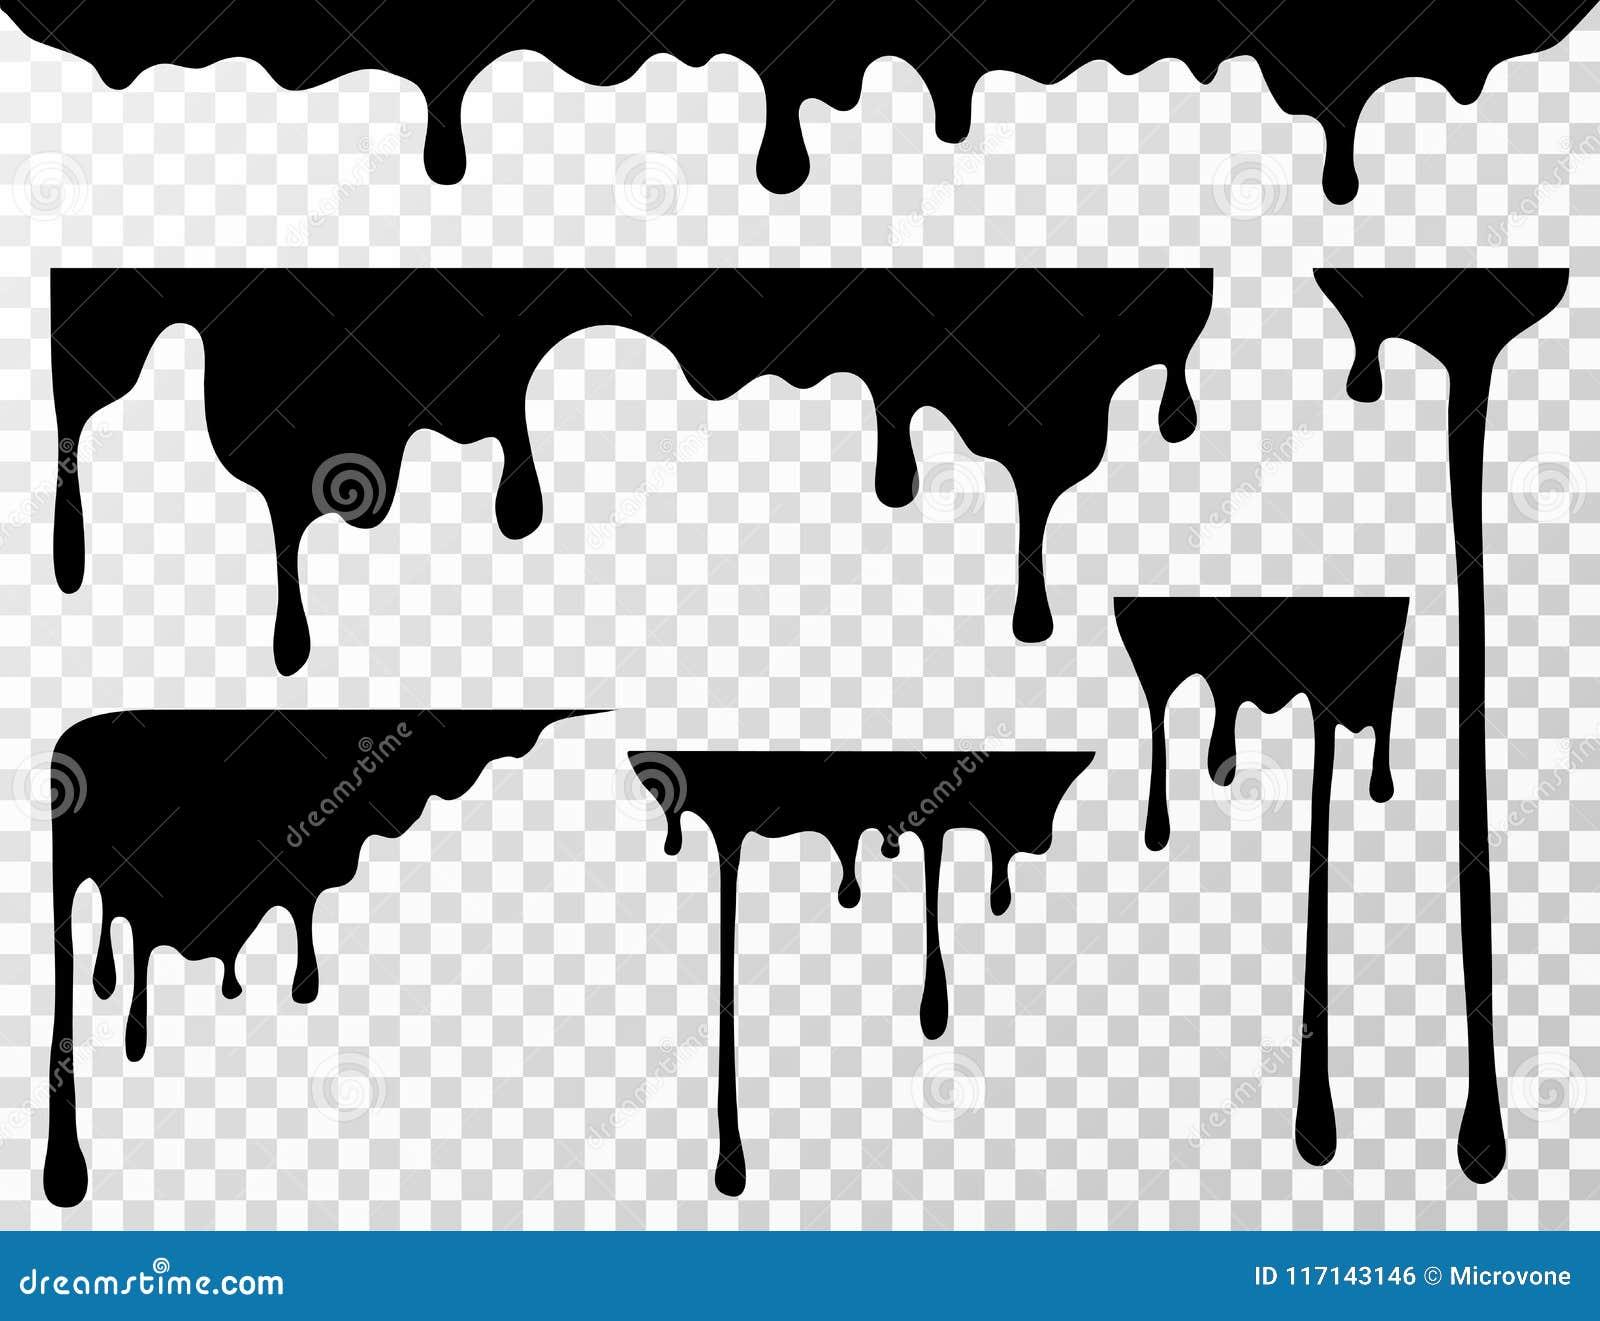 Μαύρος στάζοντας λεκές πετρελαίου, υγρές σταλαγματιές ή τρέχουσες διανυσματικές σκιαγραφίες μελανιού χρωμάτων που απομονώνονται